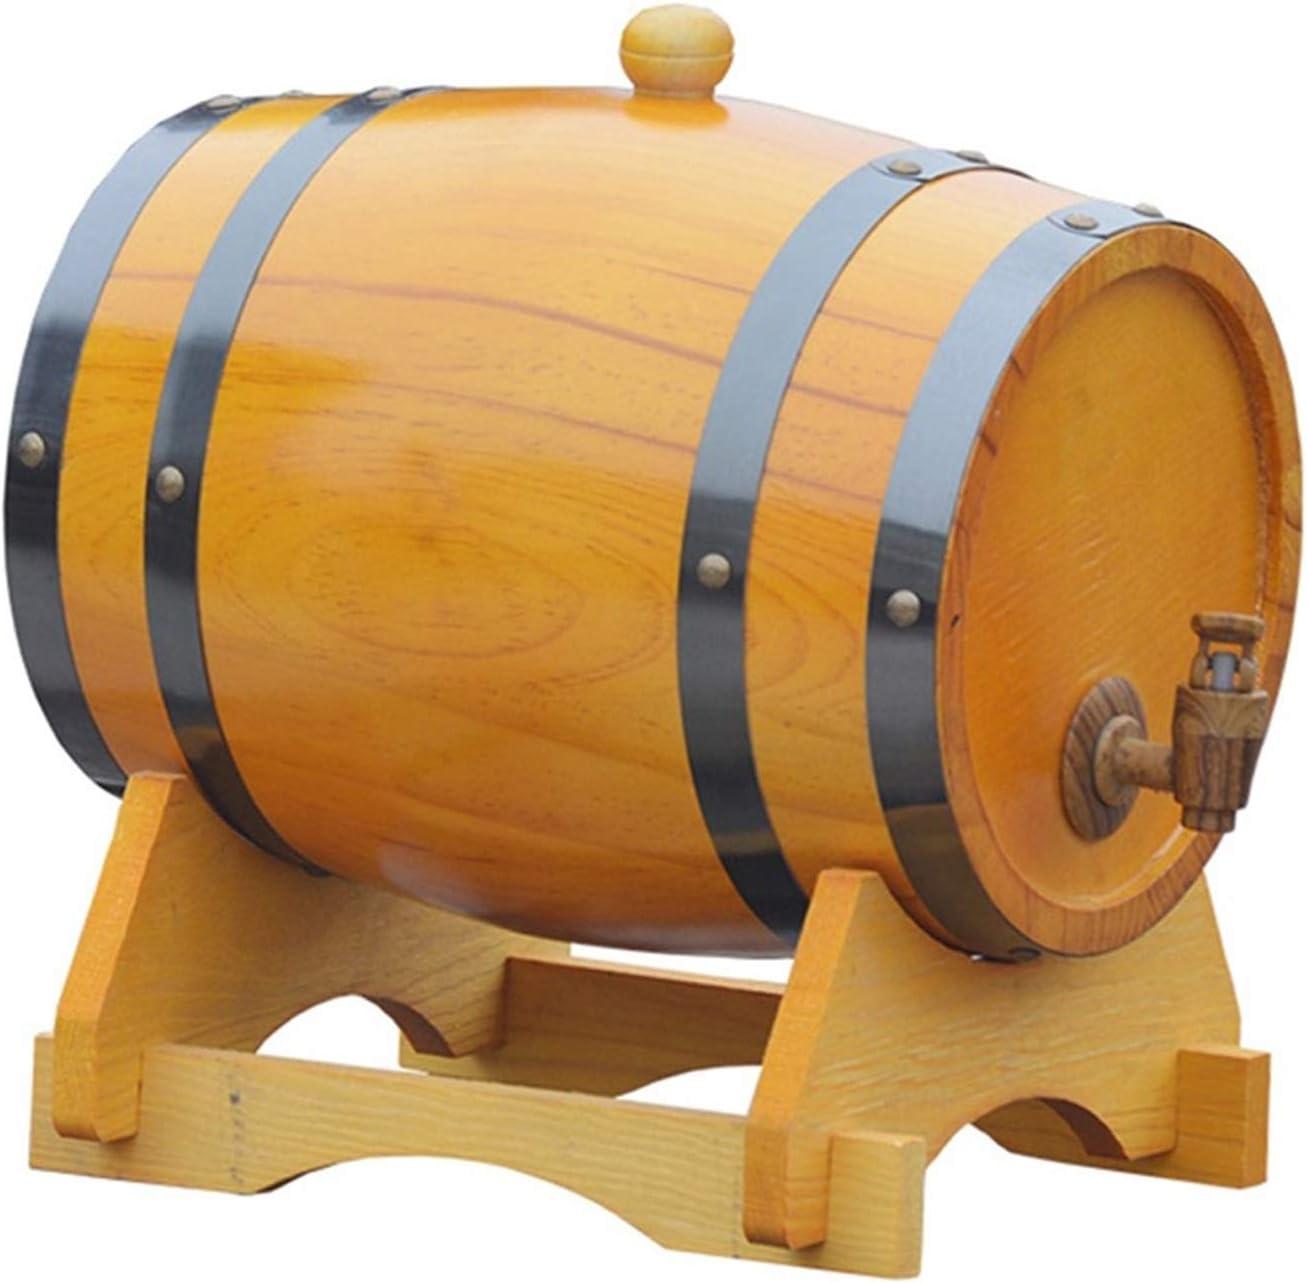 LPLND Barril de Vino Barril de Vino de Madera de Roble, Whisky Barril Barril de Vino Barril de Madera, for Guardar su Propio Whisky, Cerveza, Vino, borbón, Brandy (Color : A, Size : 1.5L)